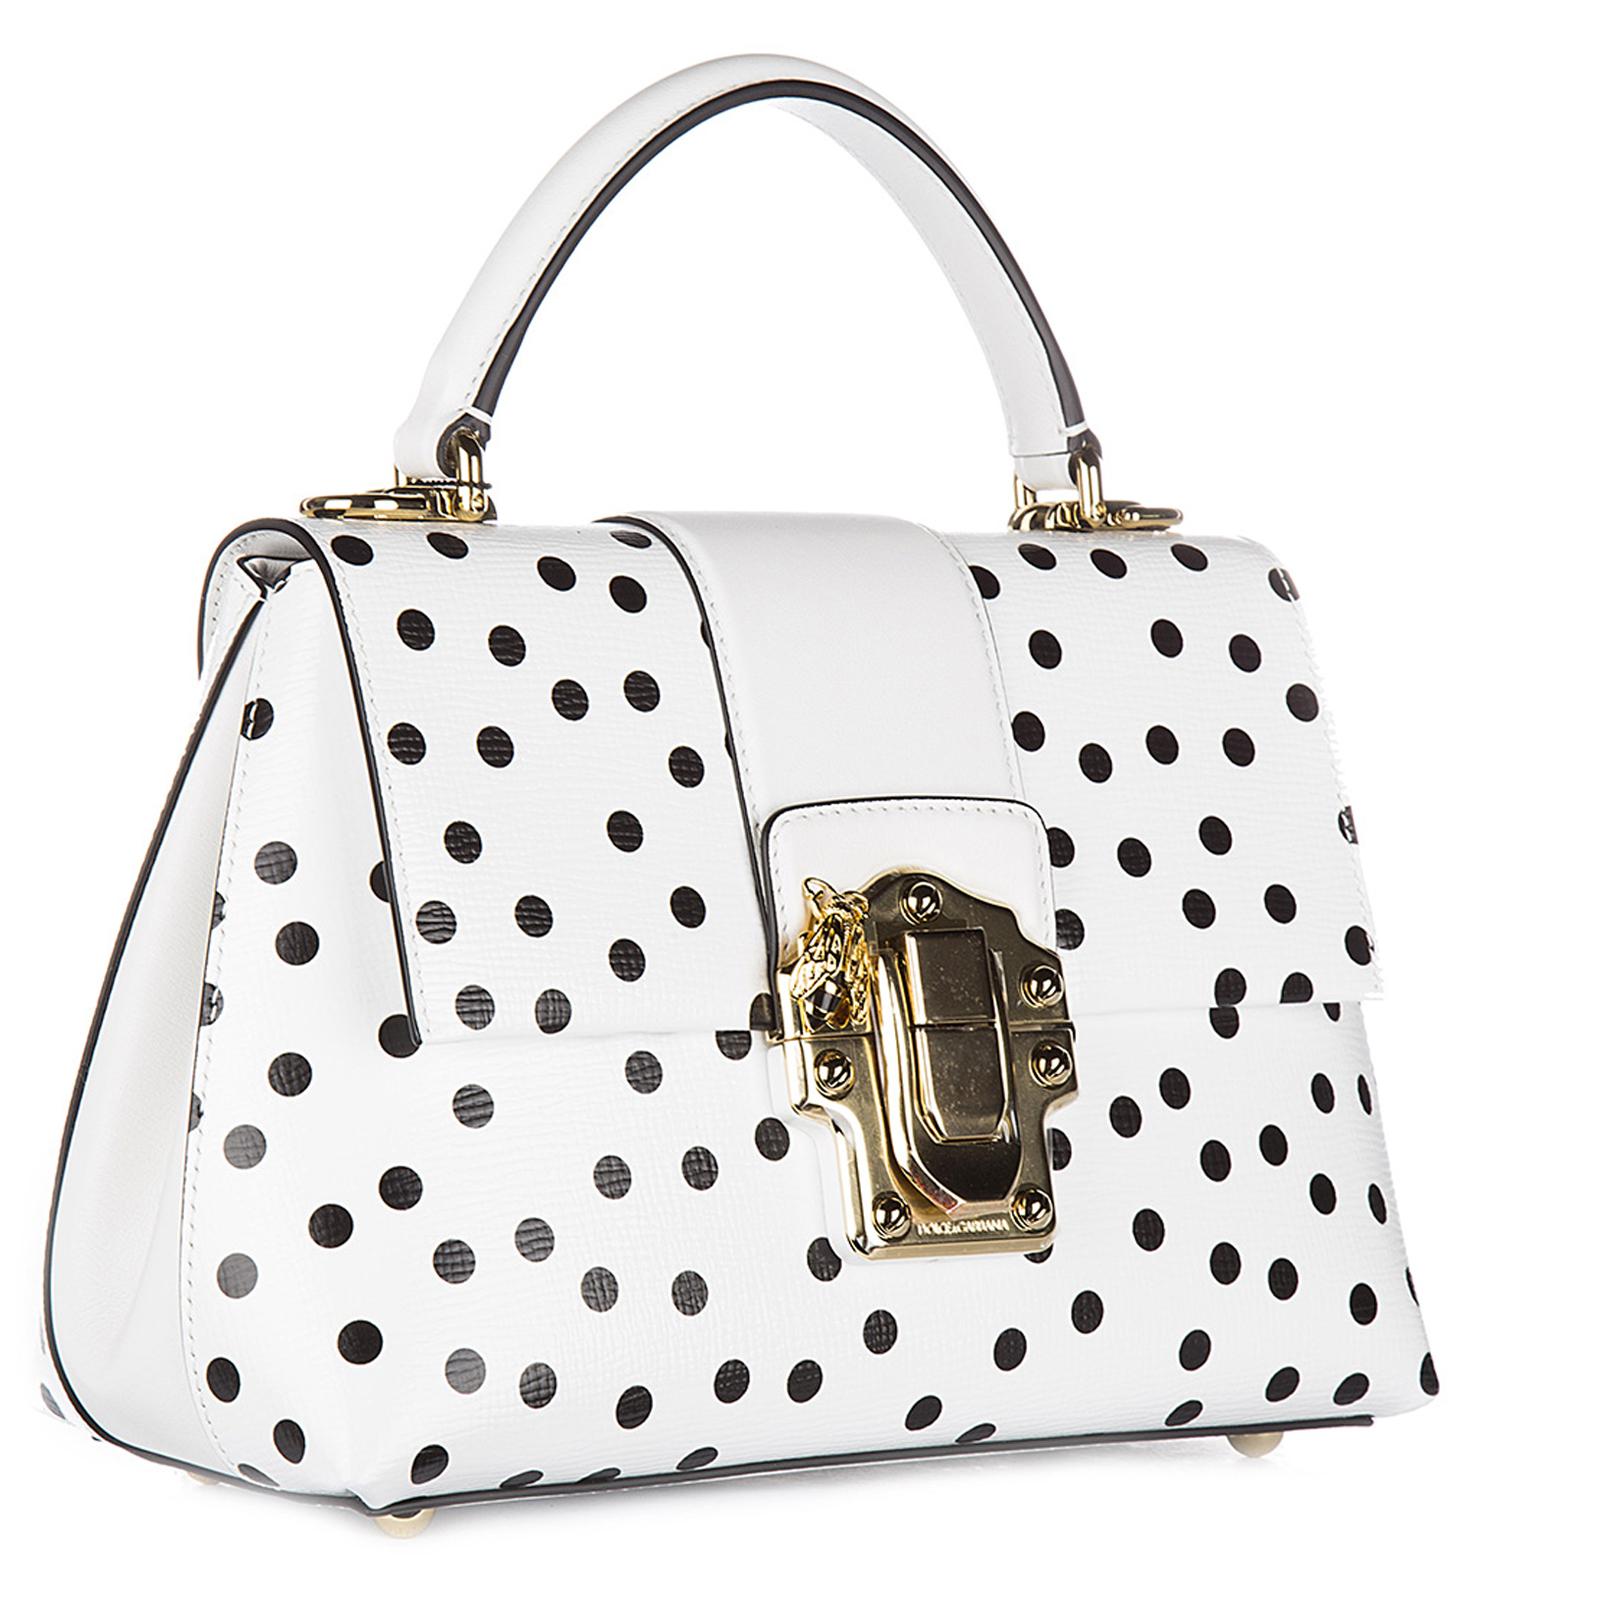 Leder handtasche damen tasche bag lucia